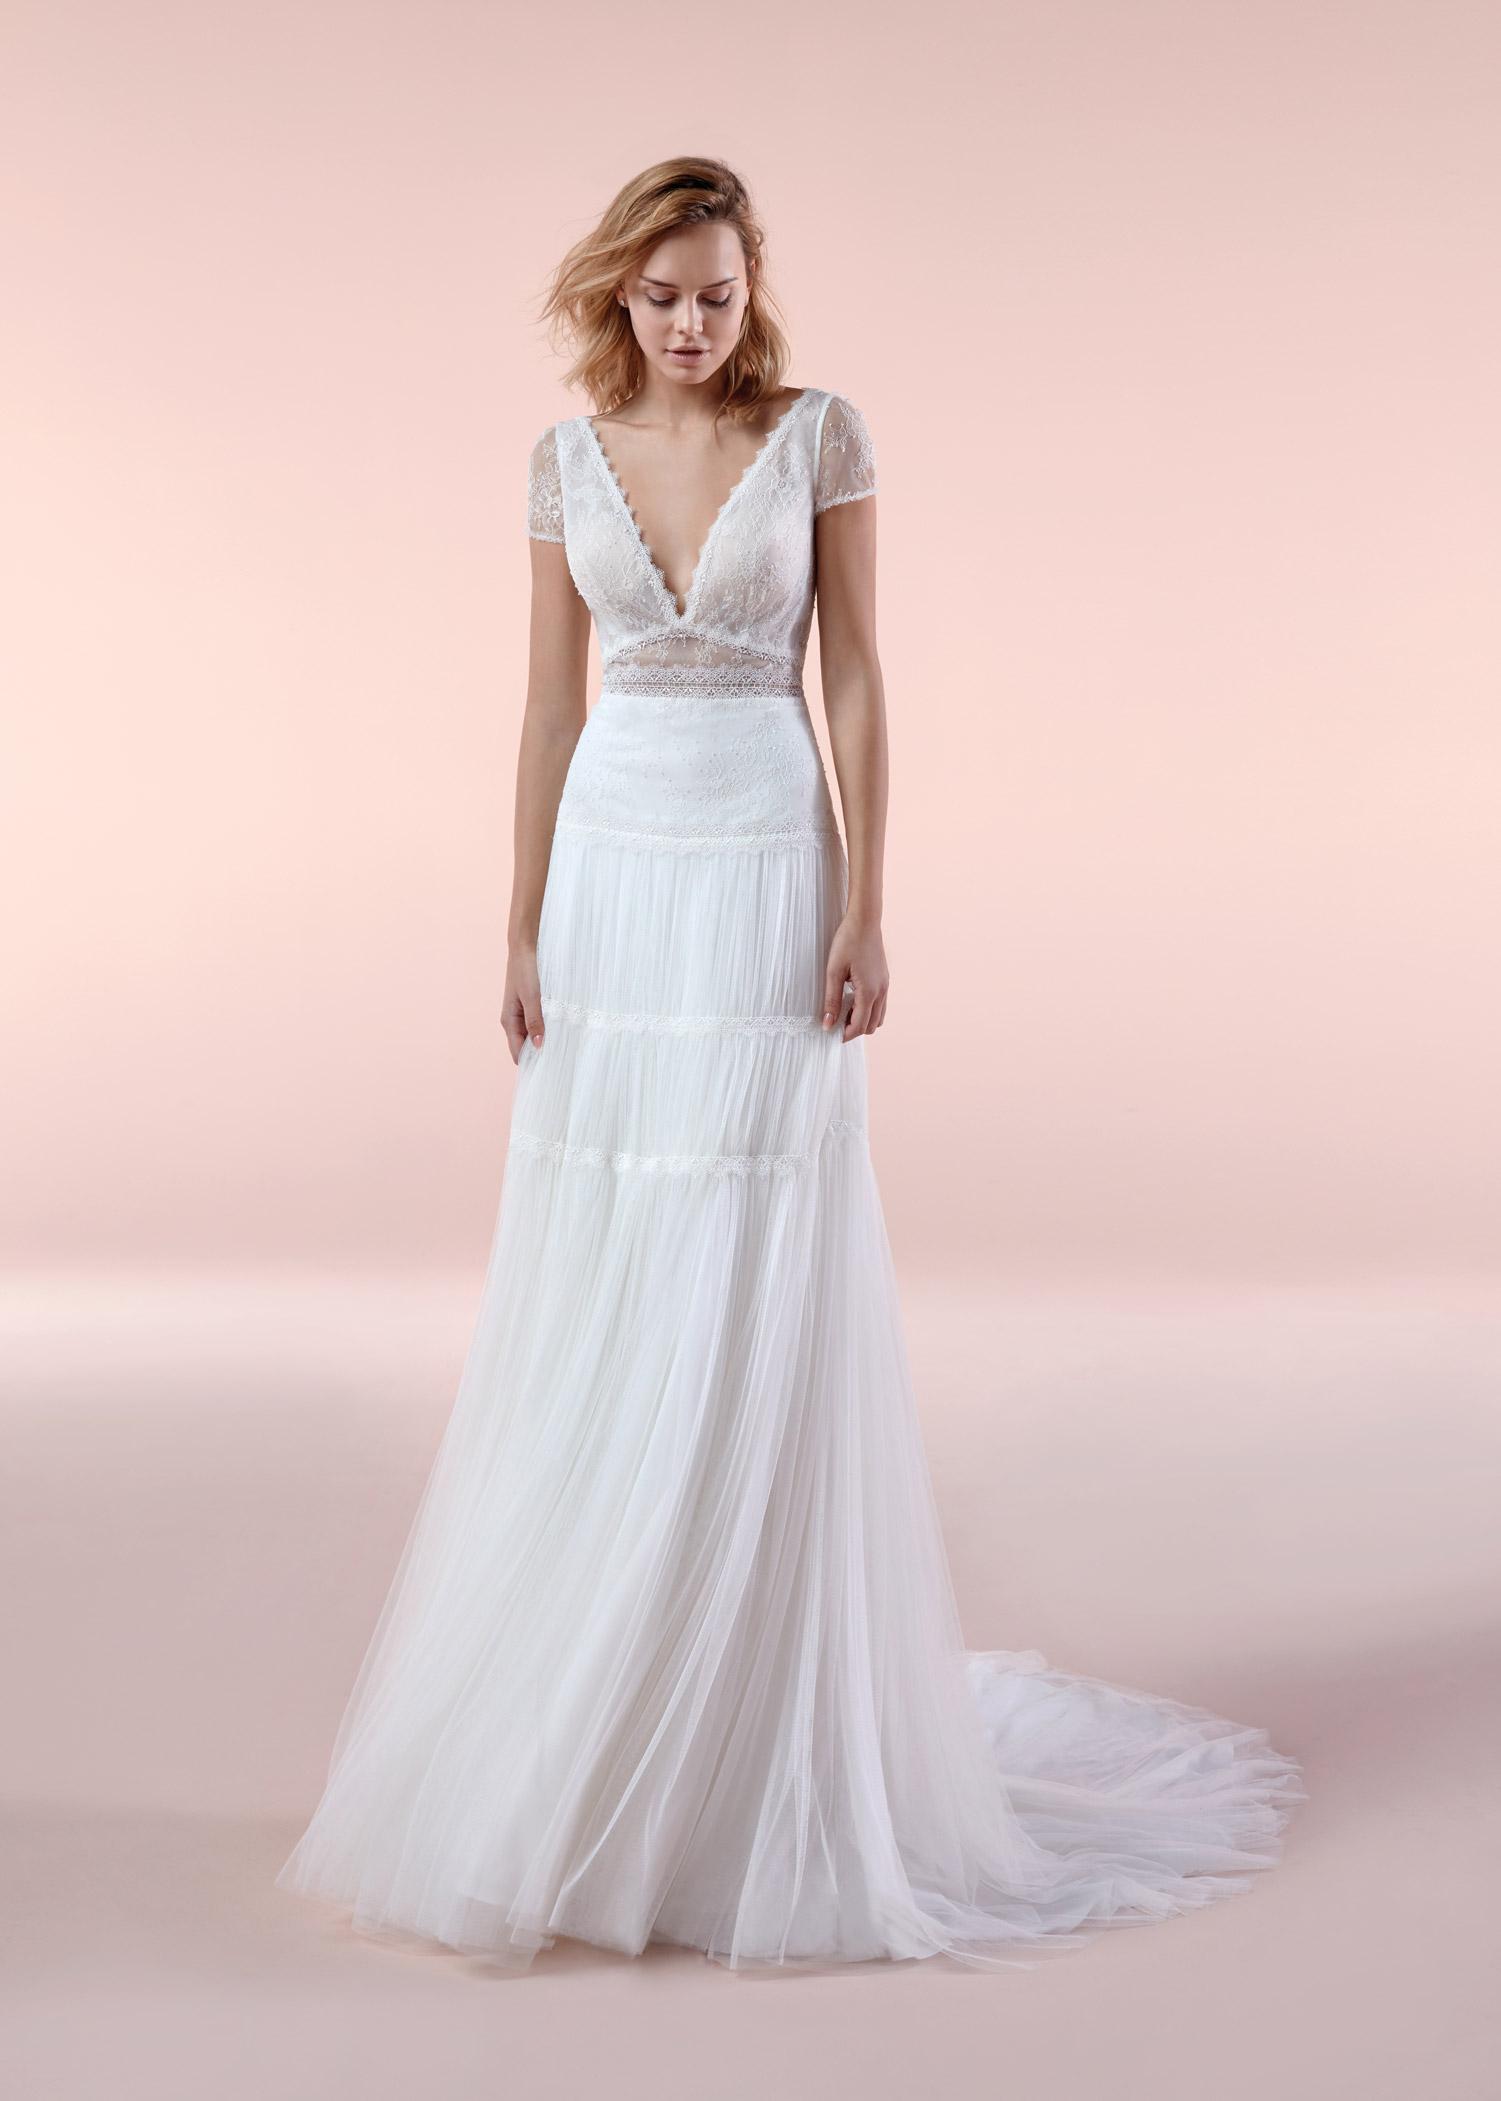 Abiti Da Sposa Boho Chic.Abito Da Sposa Boho Chic Nicole 2020 Bca20121 Mariages